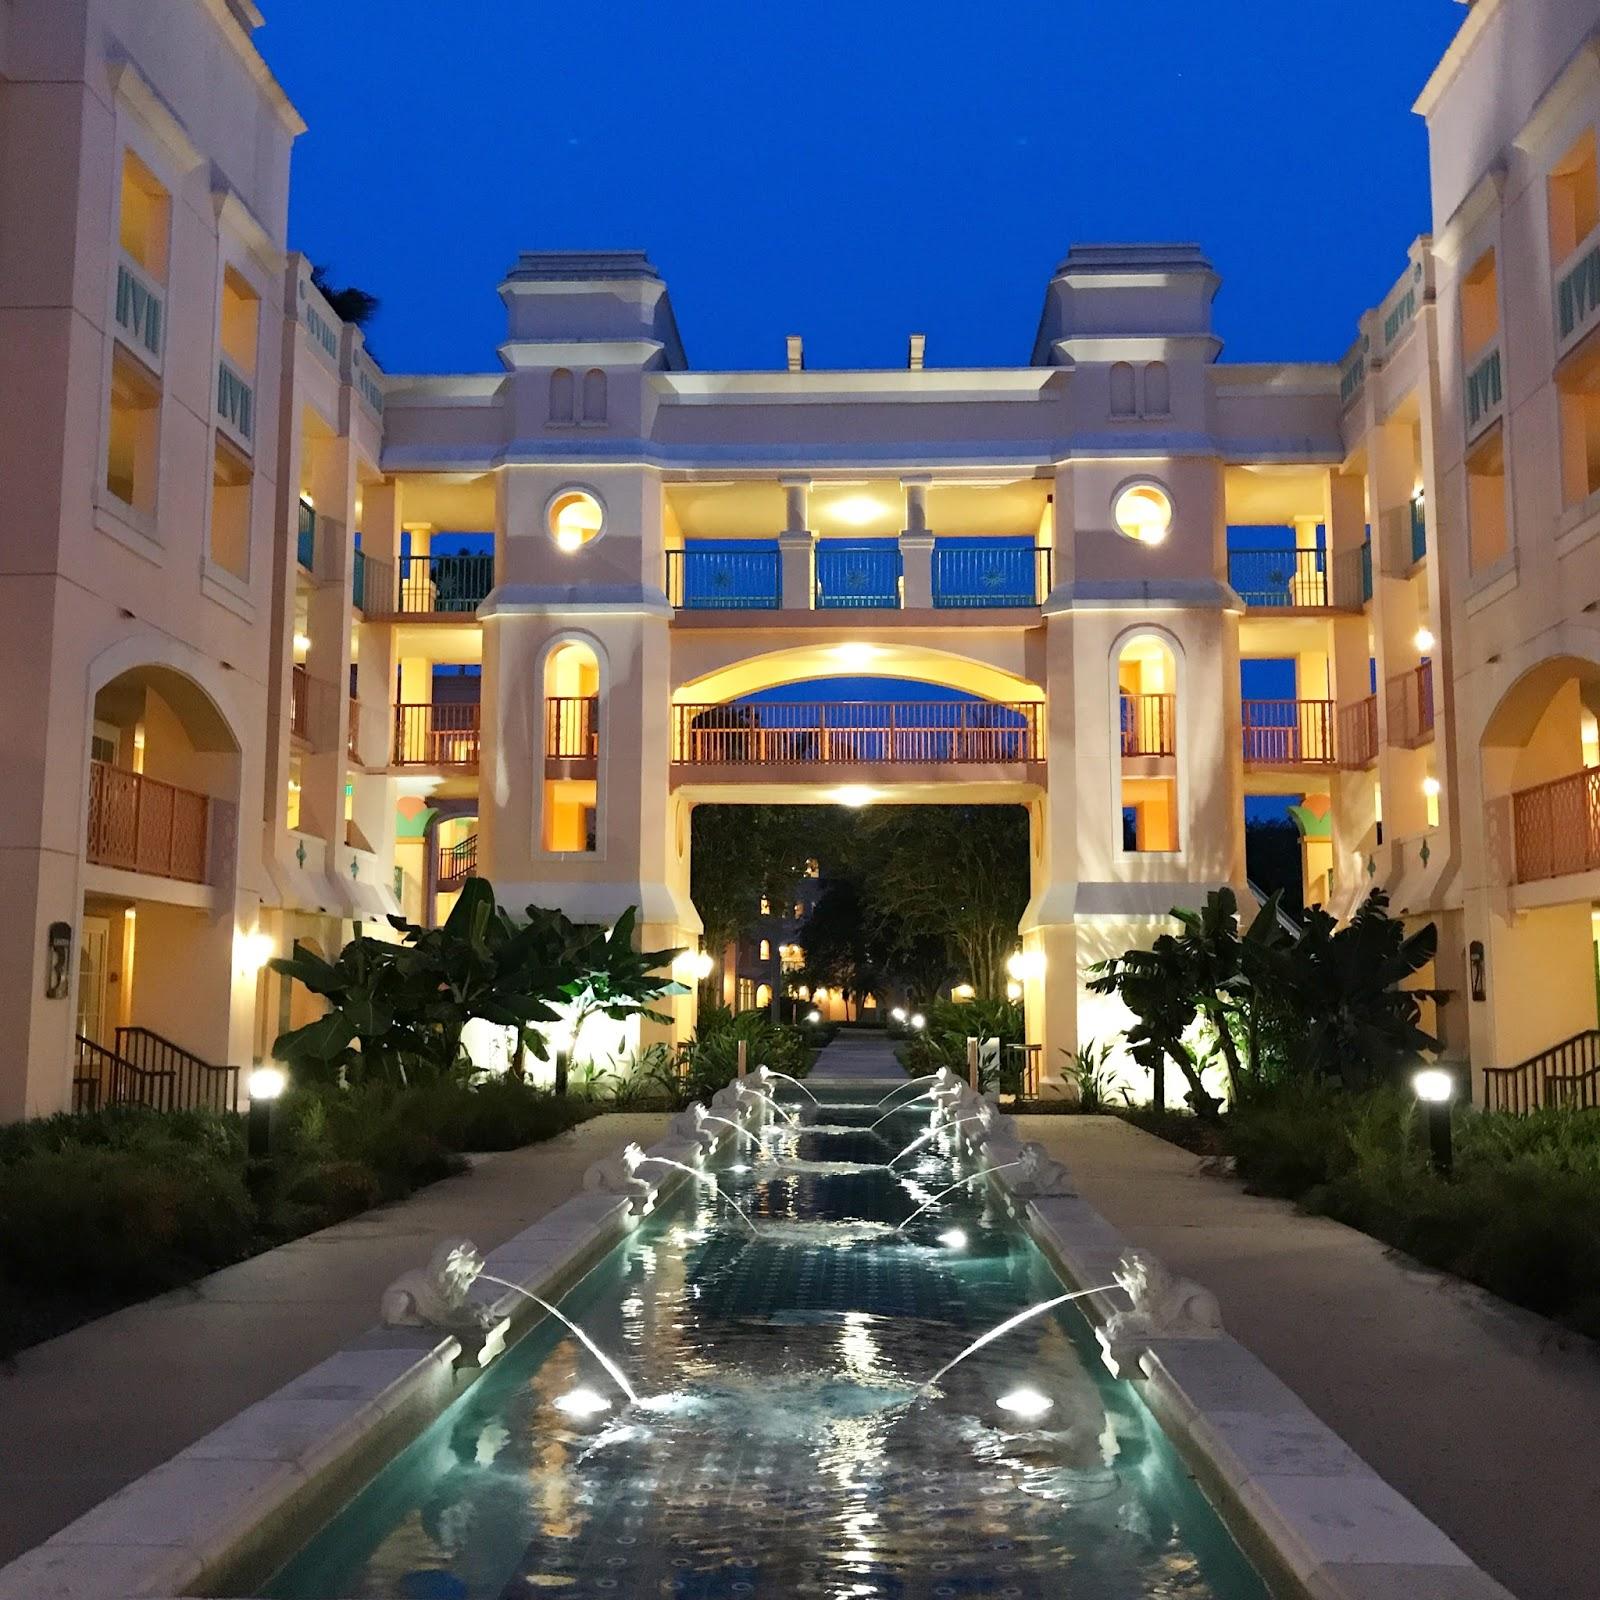 Coronado Springs Resort at Walt Disney World: Better for Family